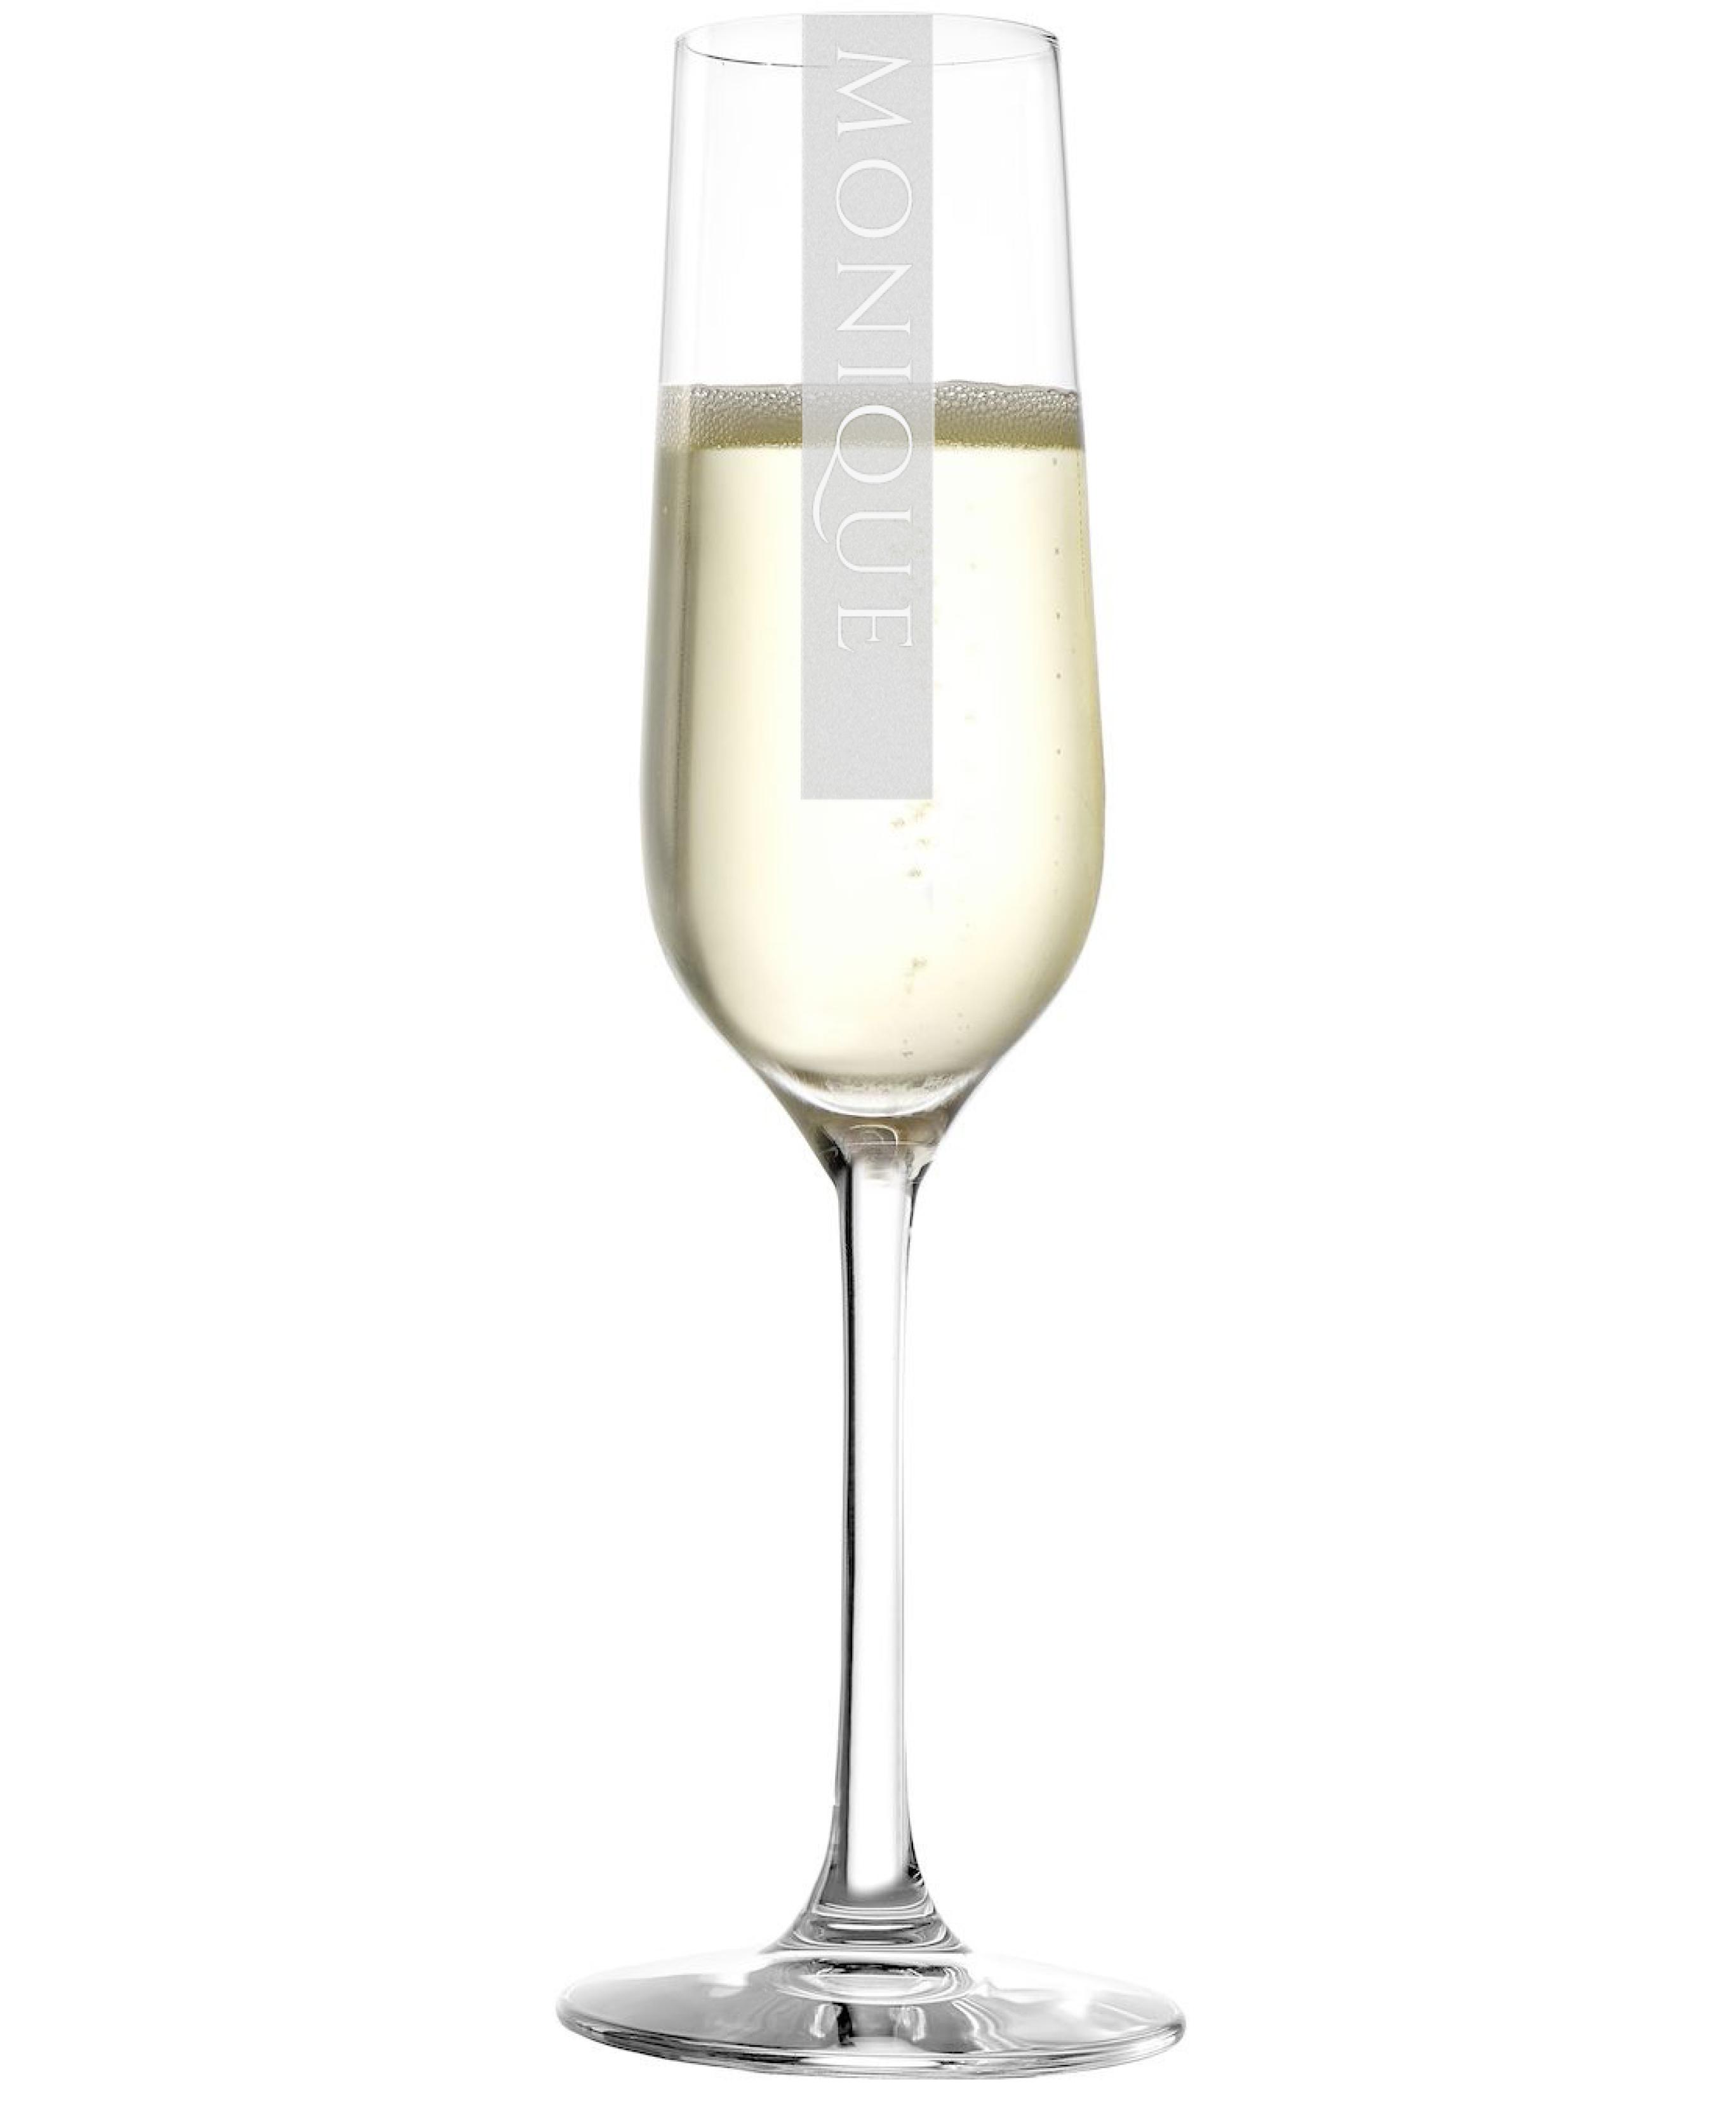 NAMEN Sektglas mit Wunschtext | 200ml Stölzle Revolution Rotweinkelch | Gravur